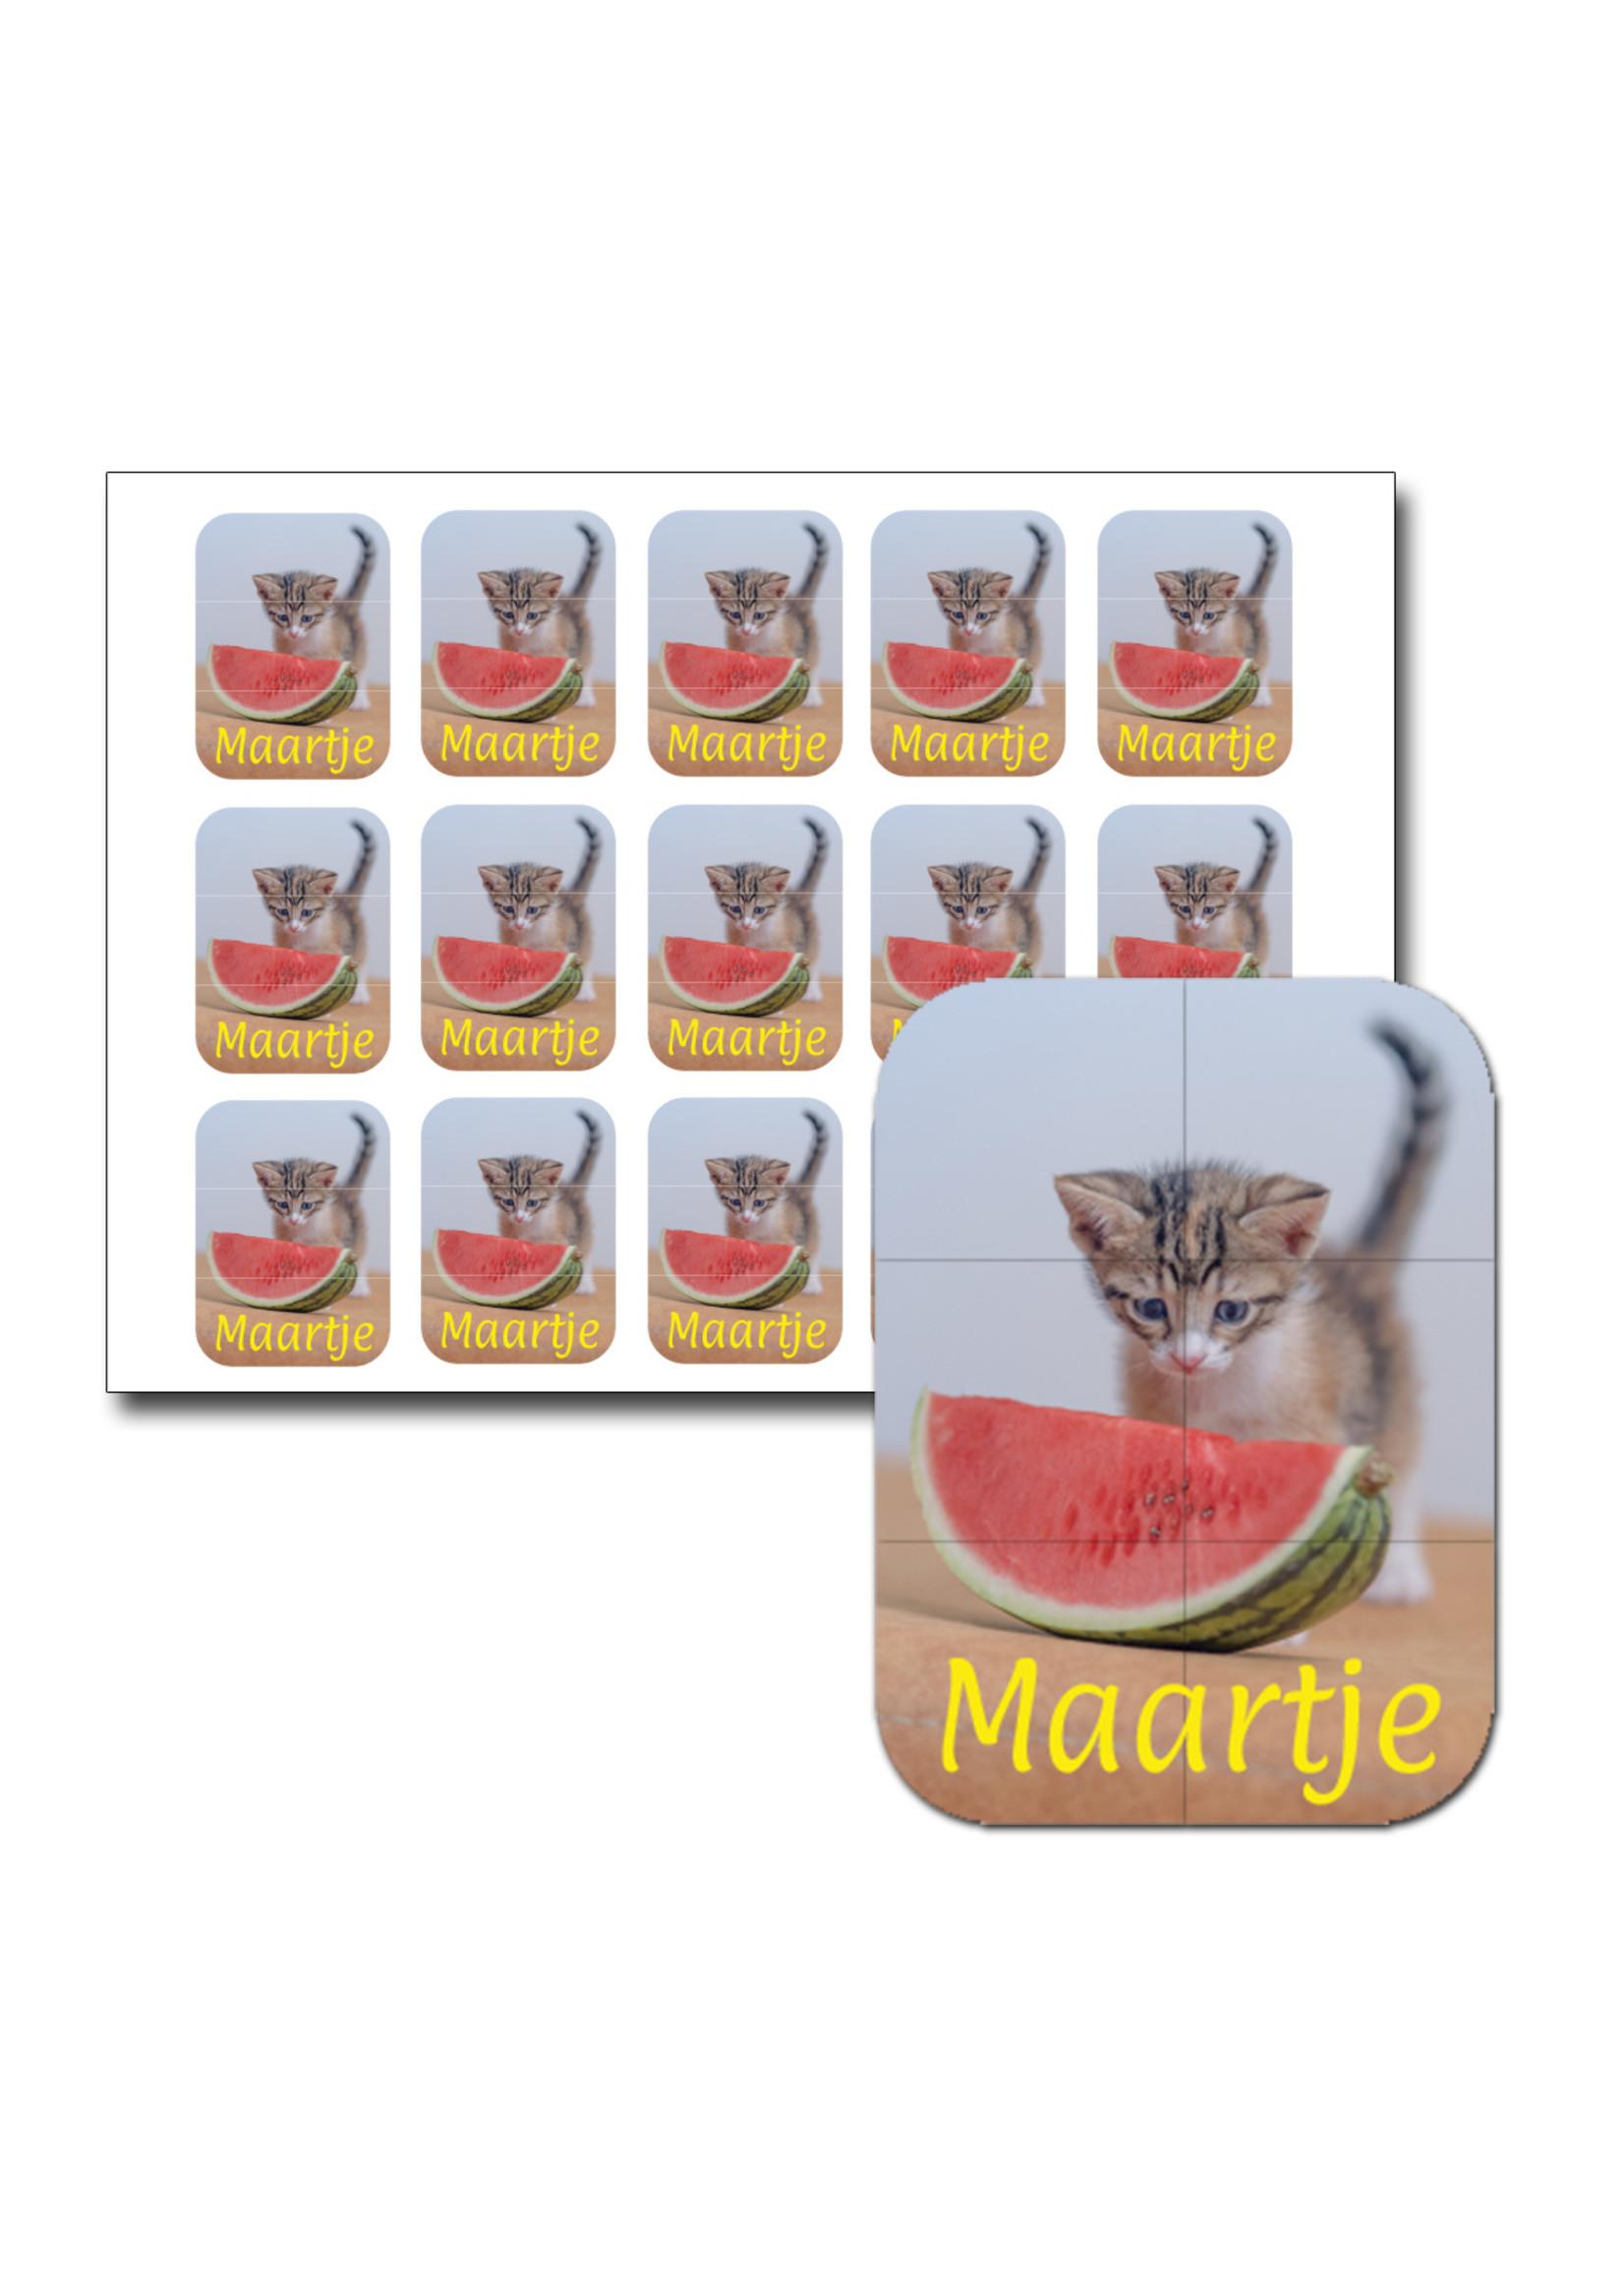 Naamsticker poes meloen - 45 stuks